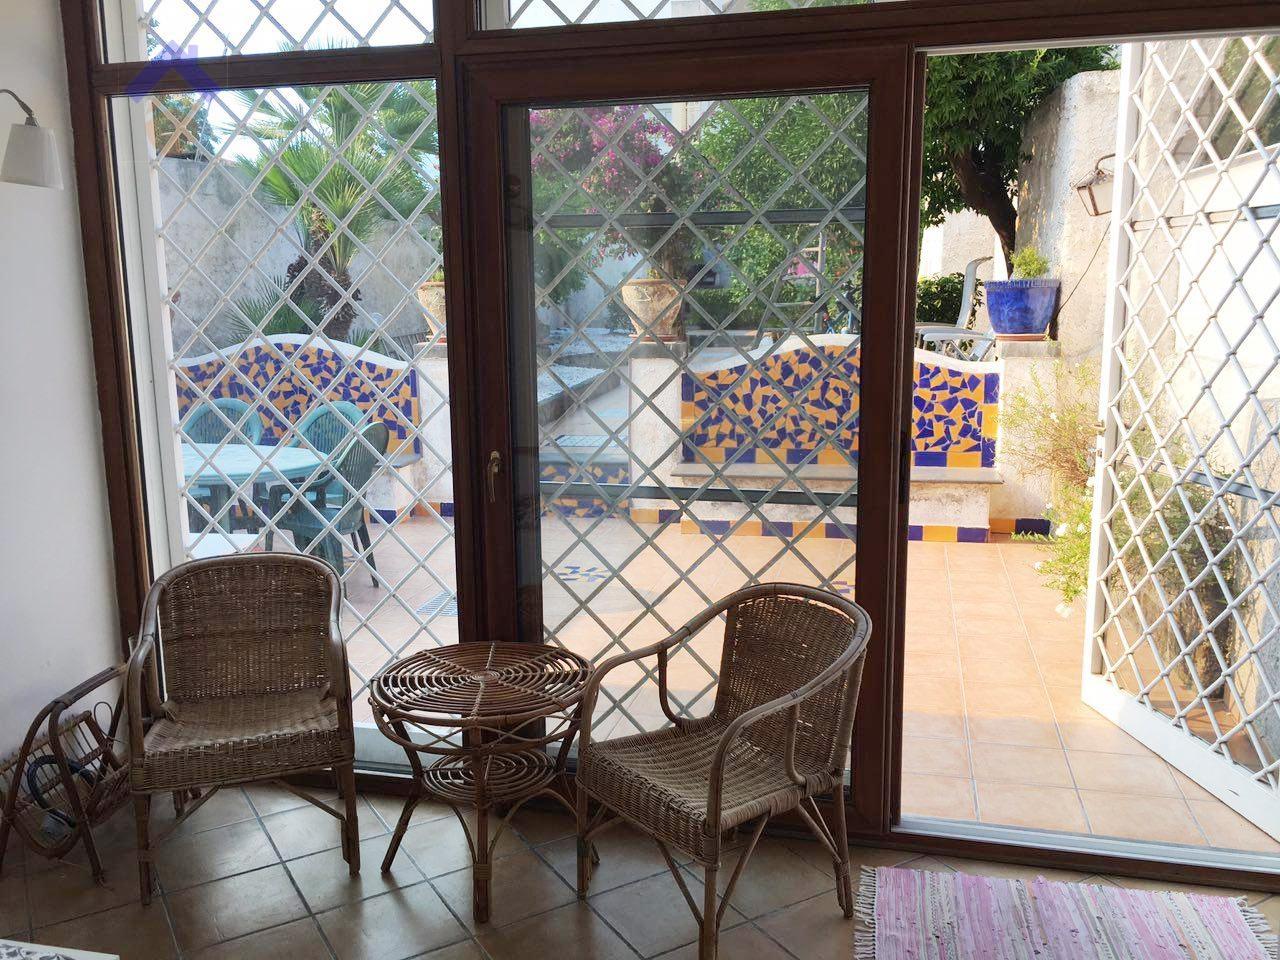 Appartamento in vendita a Trecase, 4 locali, zona Località: trecase, prezzo € 220.000 | Cambio Casa.it